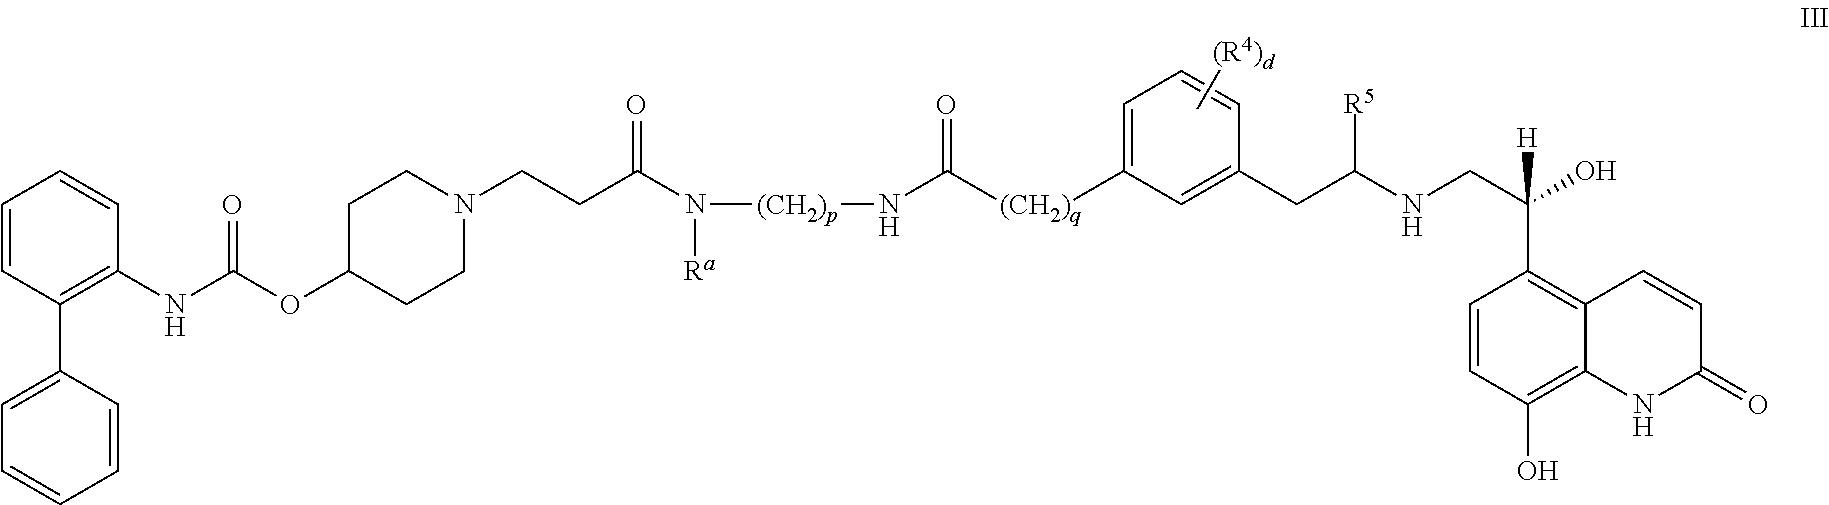 Figure US10138220-20181127-C00355